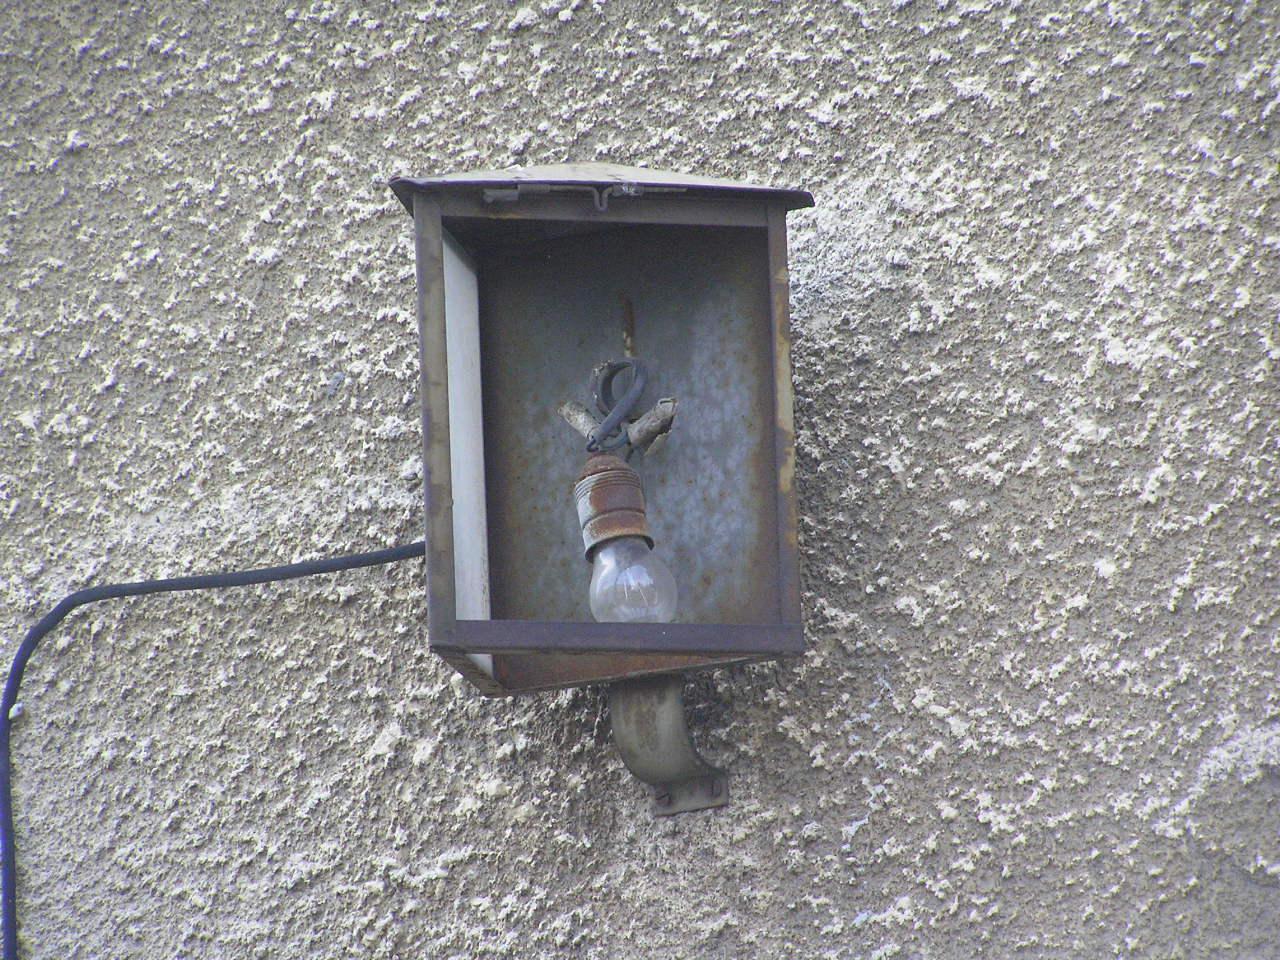 Latarenka adresowa przy ulicy Międzyborskiej 107 na Grochowie